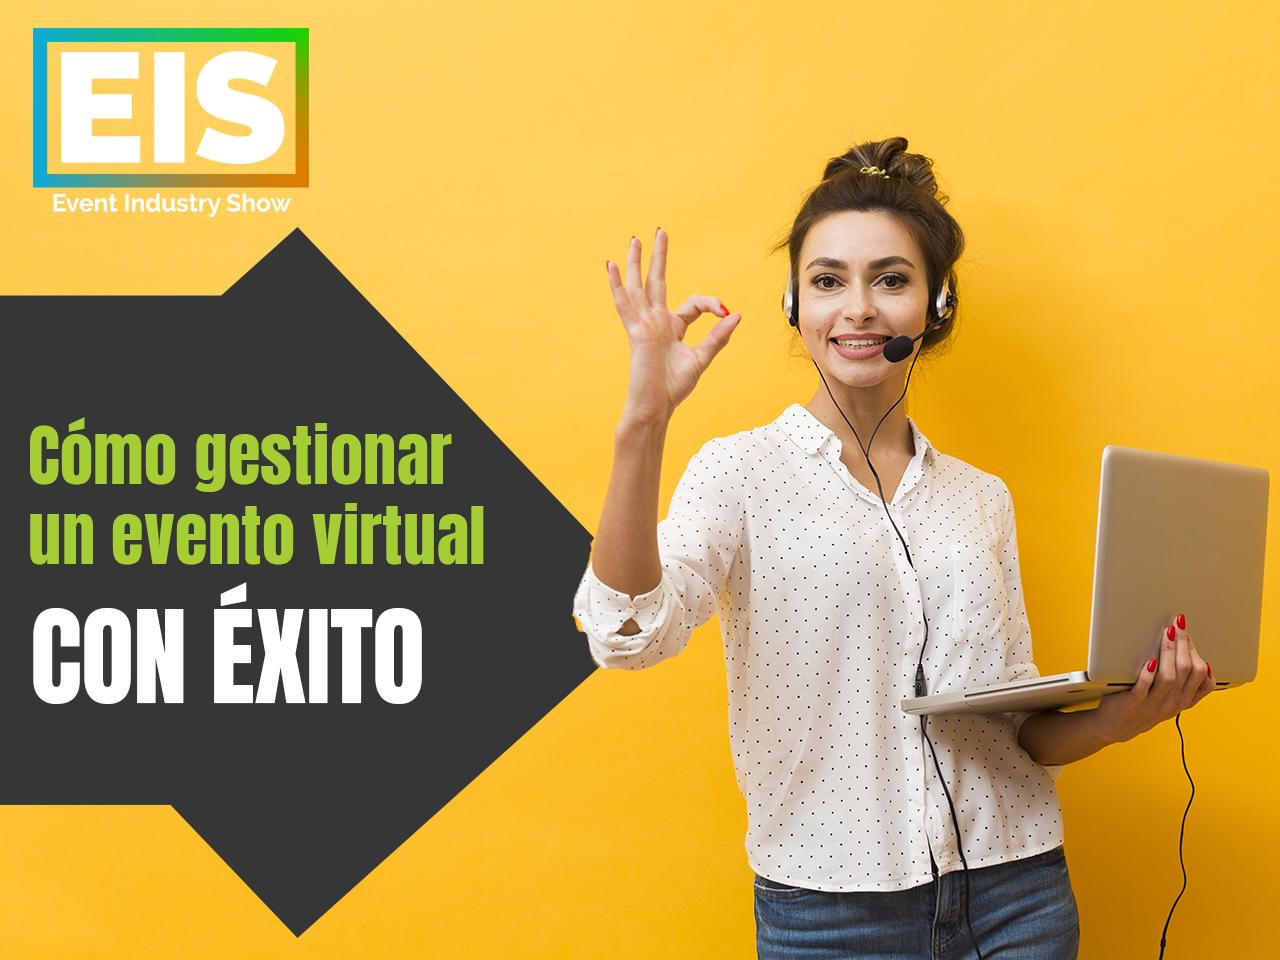 Cómo gestionar un evento virtual con éxito